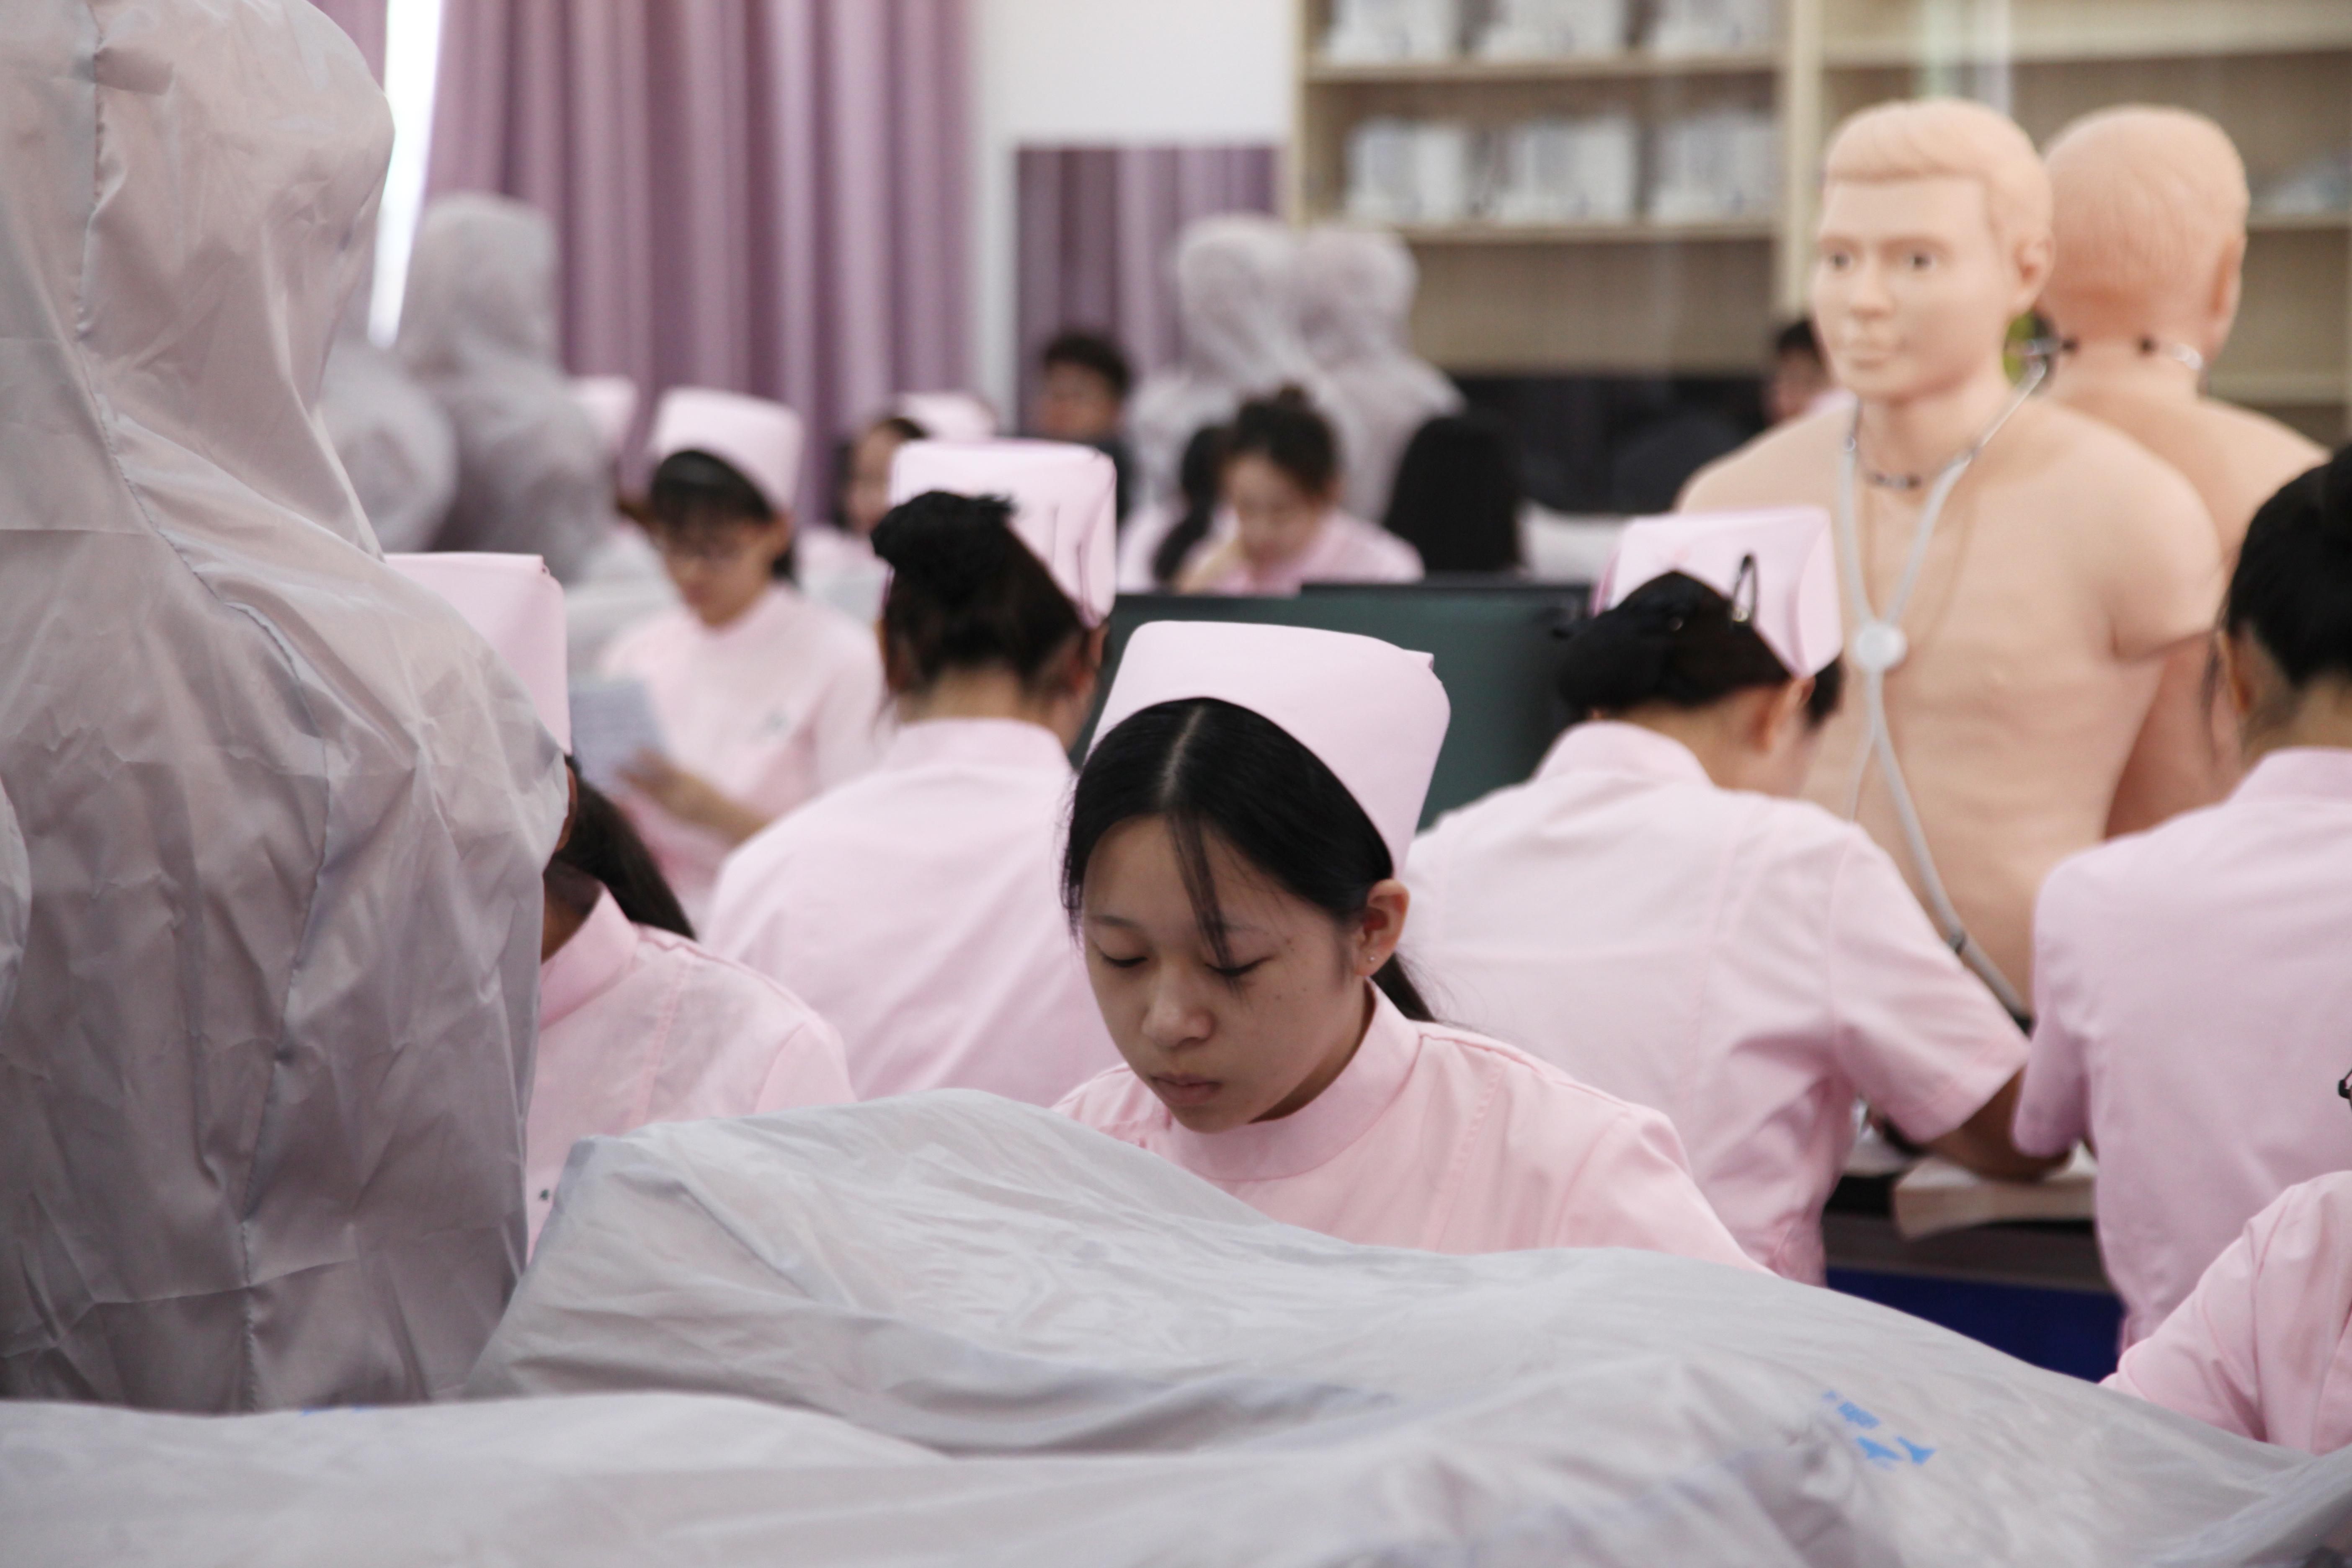 快看,特色明显就业便捷的广州康大职院招生了